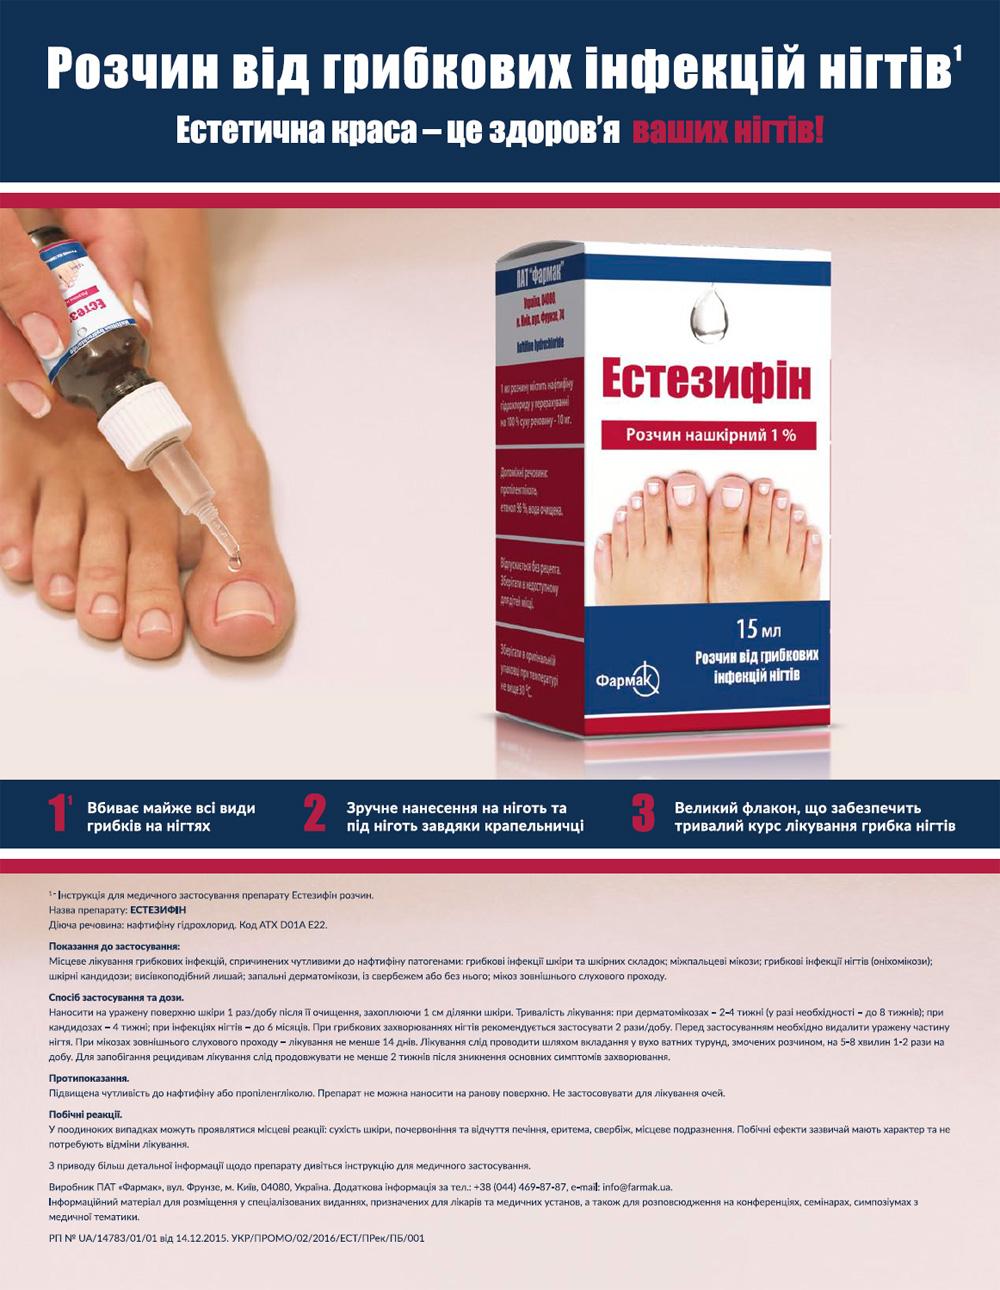 Естезифін